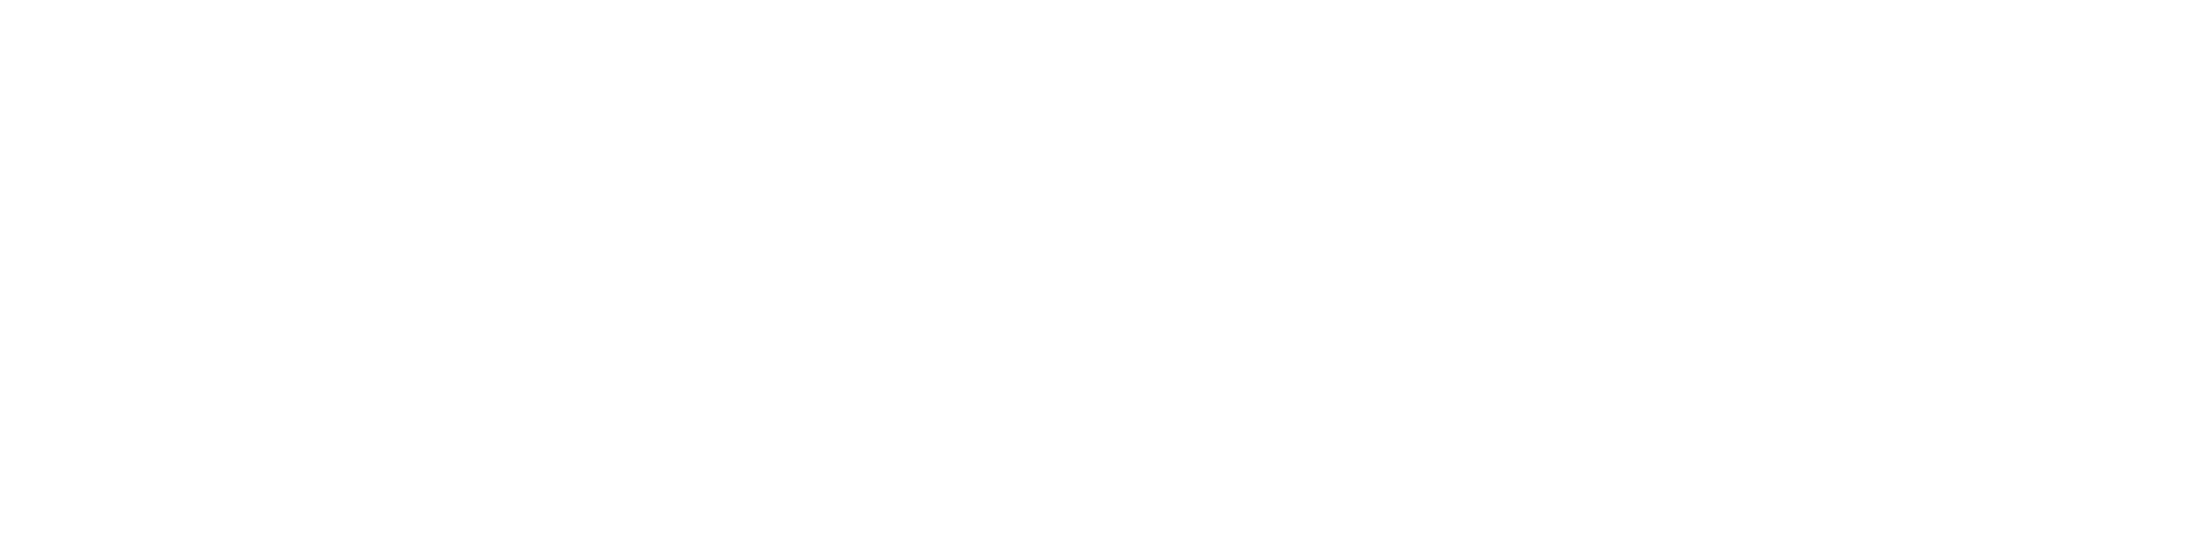 LinkeIn logo white